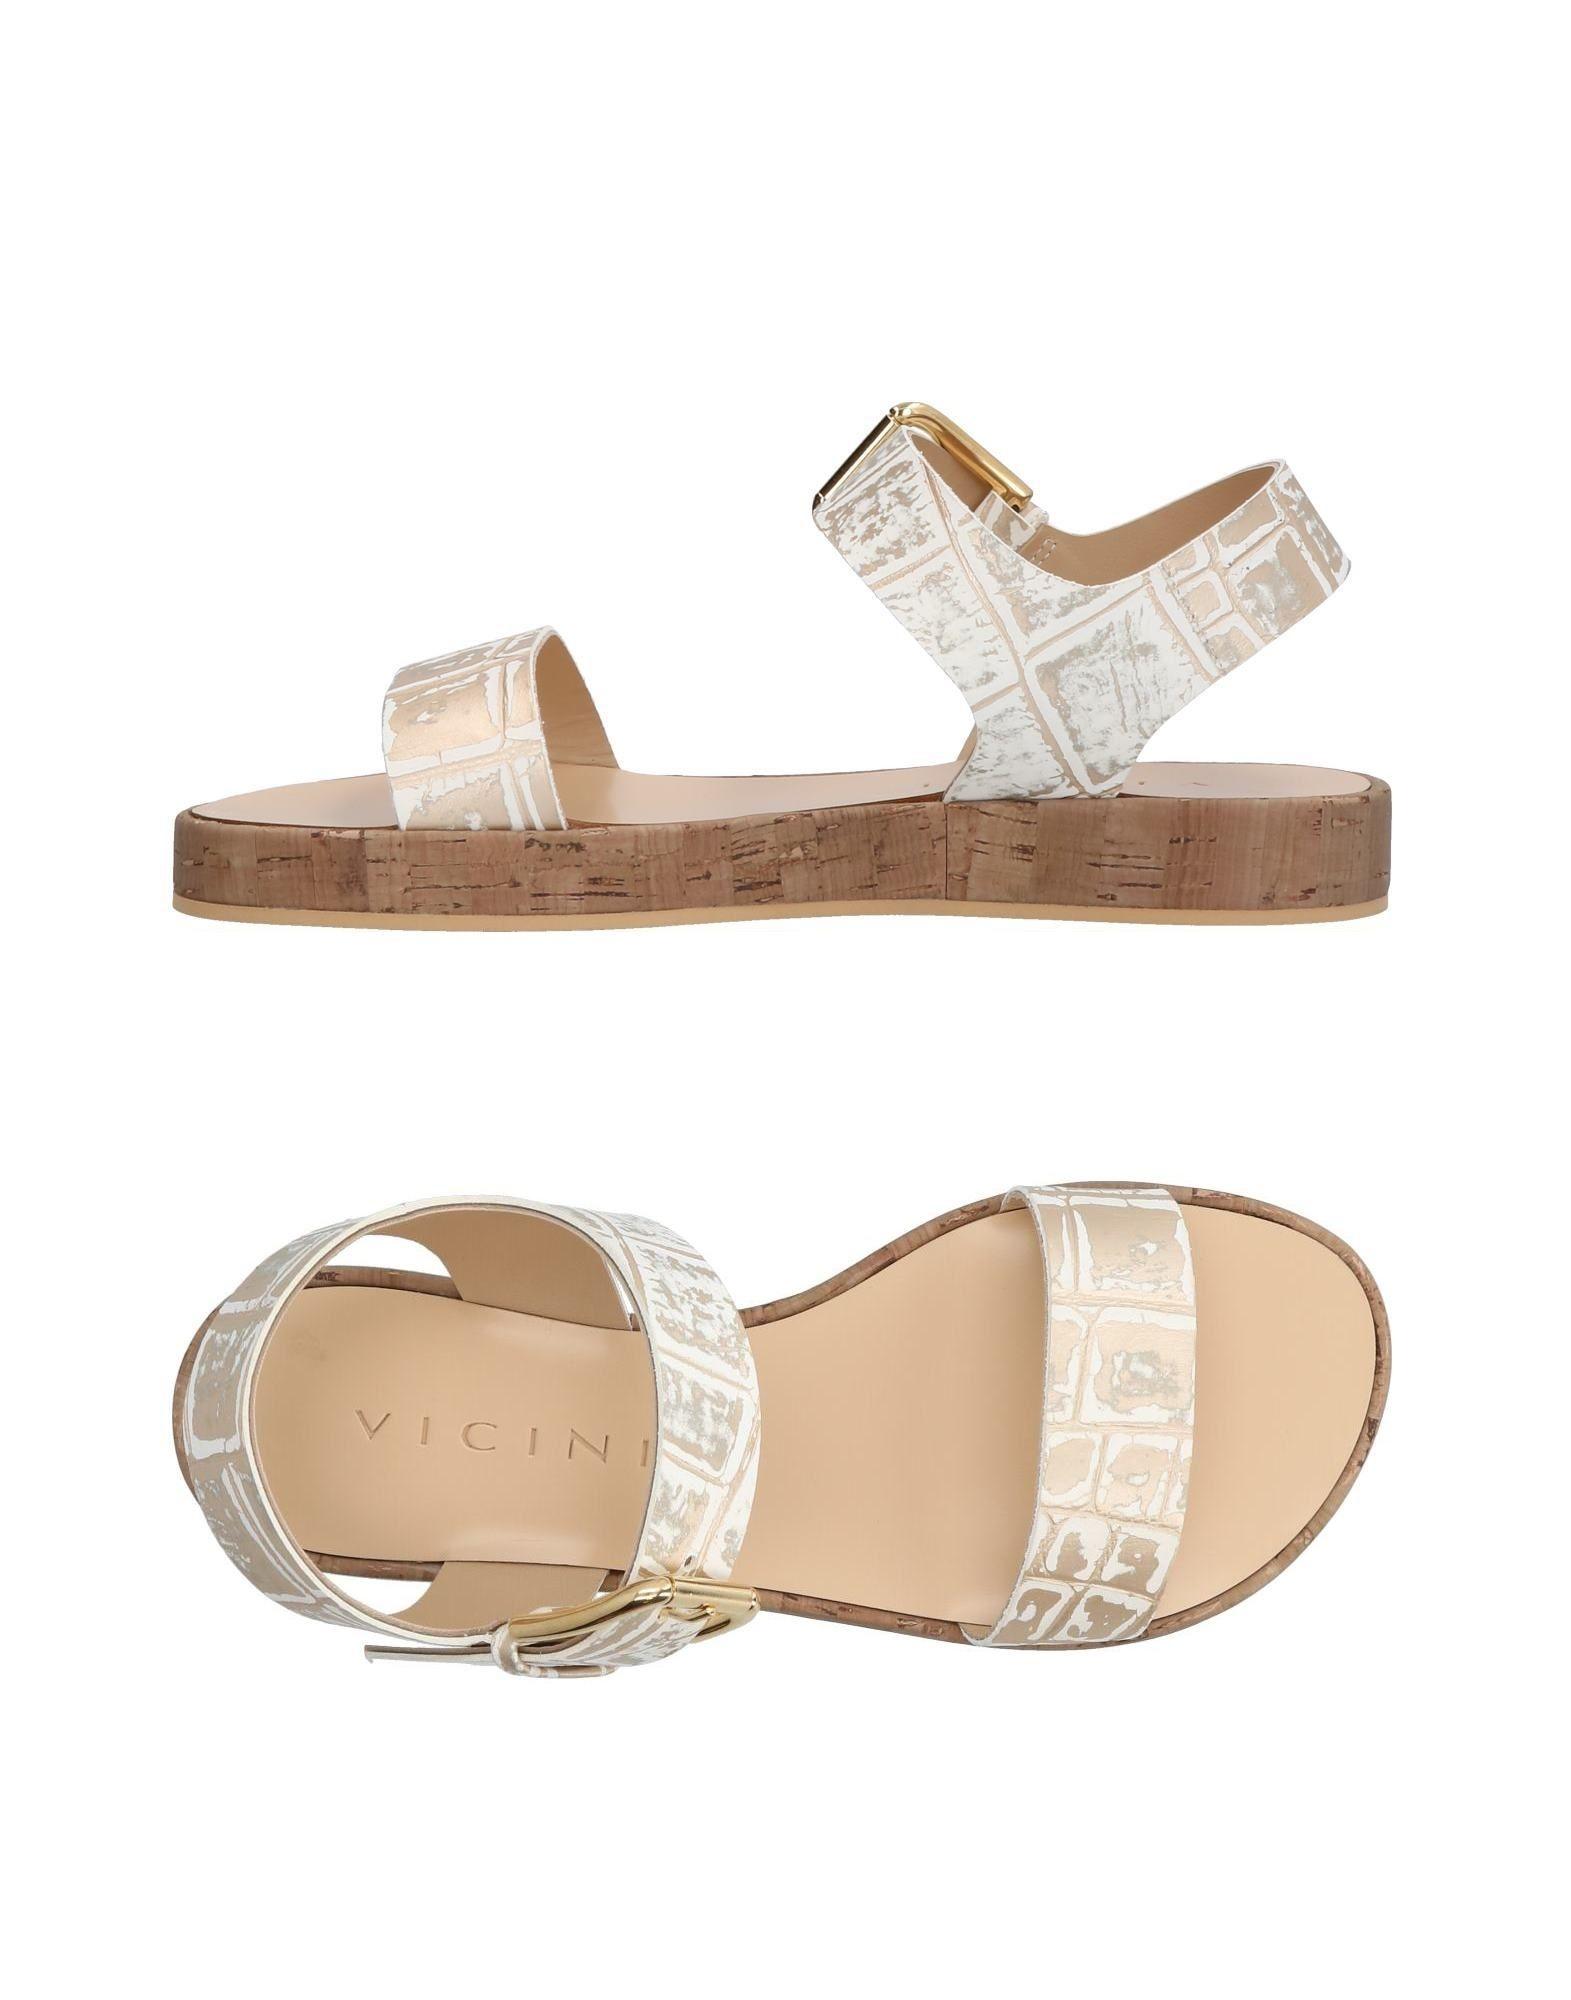 Vicini Tapeet Sandalen Damen  11356113DK Gute Qualität beliebte Schuhe